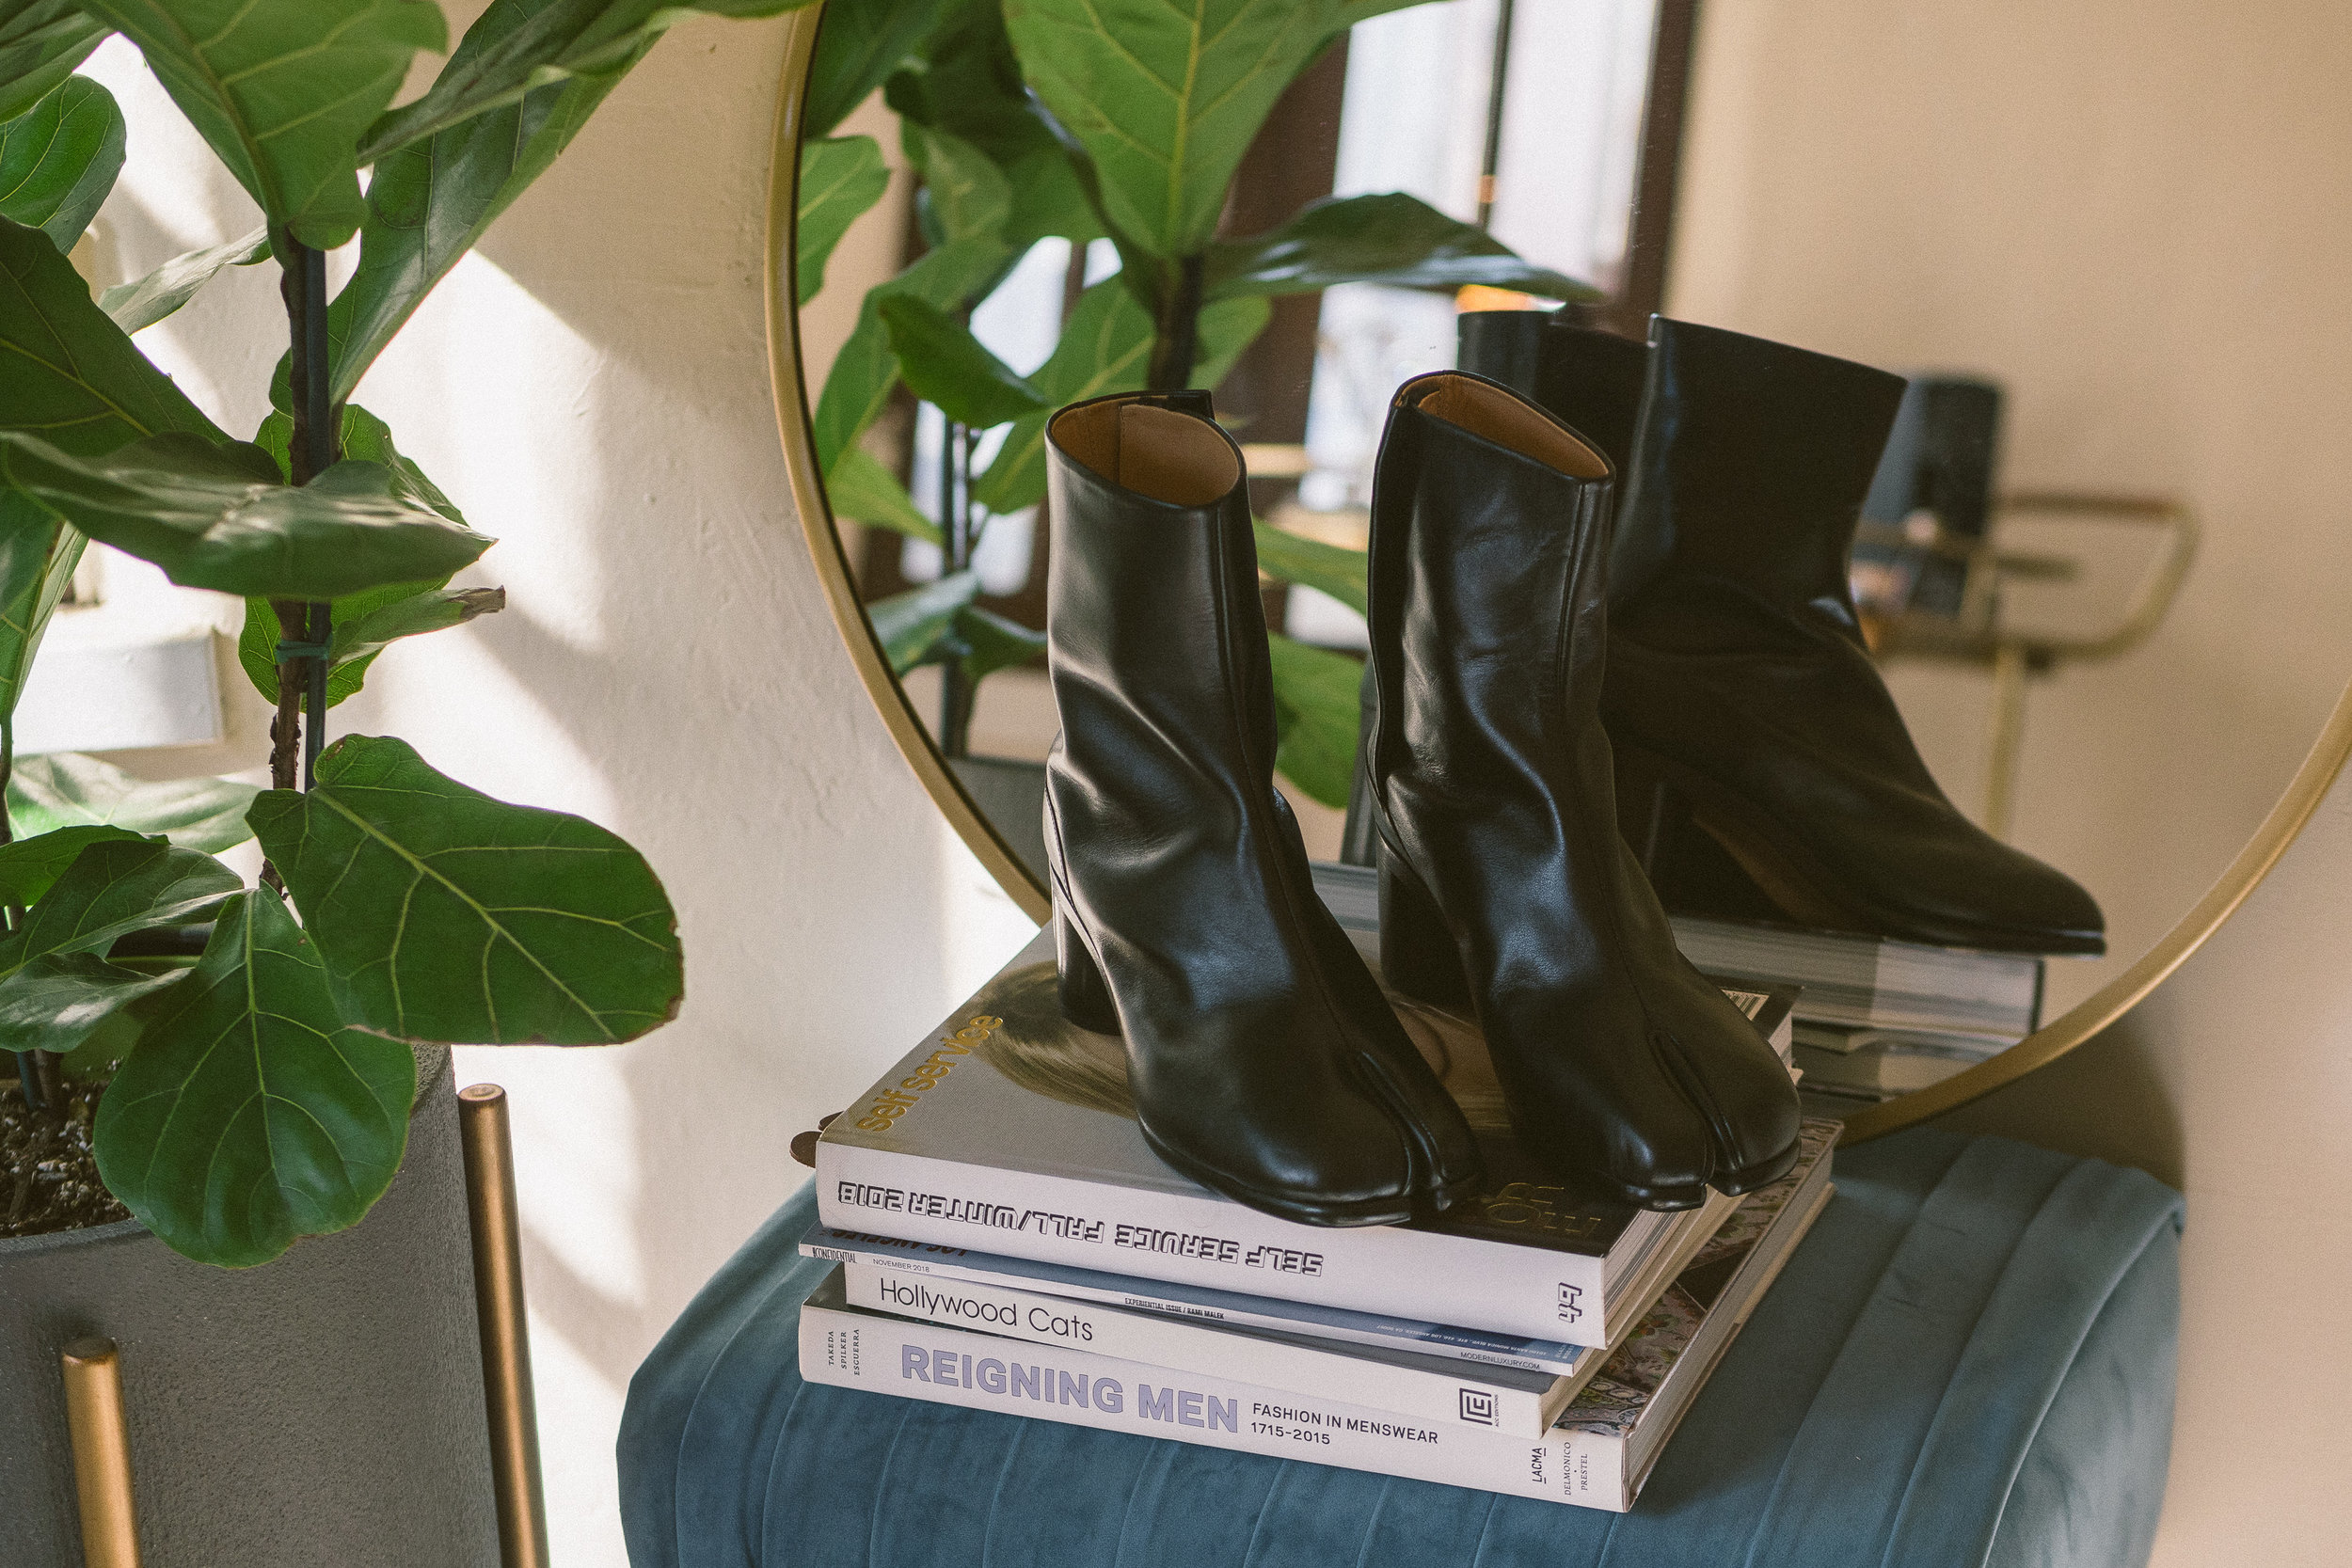 MYBELONGING-MAISON-MARGIELA-TABI-BOOTS-LUXURY-AGENDER-FOOTWEAR-MENS-WOMENS-HIGH-FASHION4.jpg